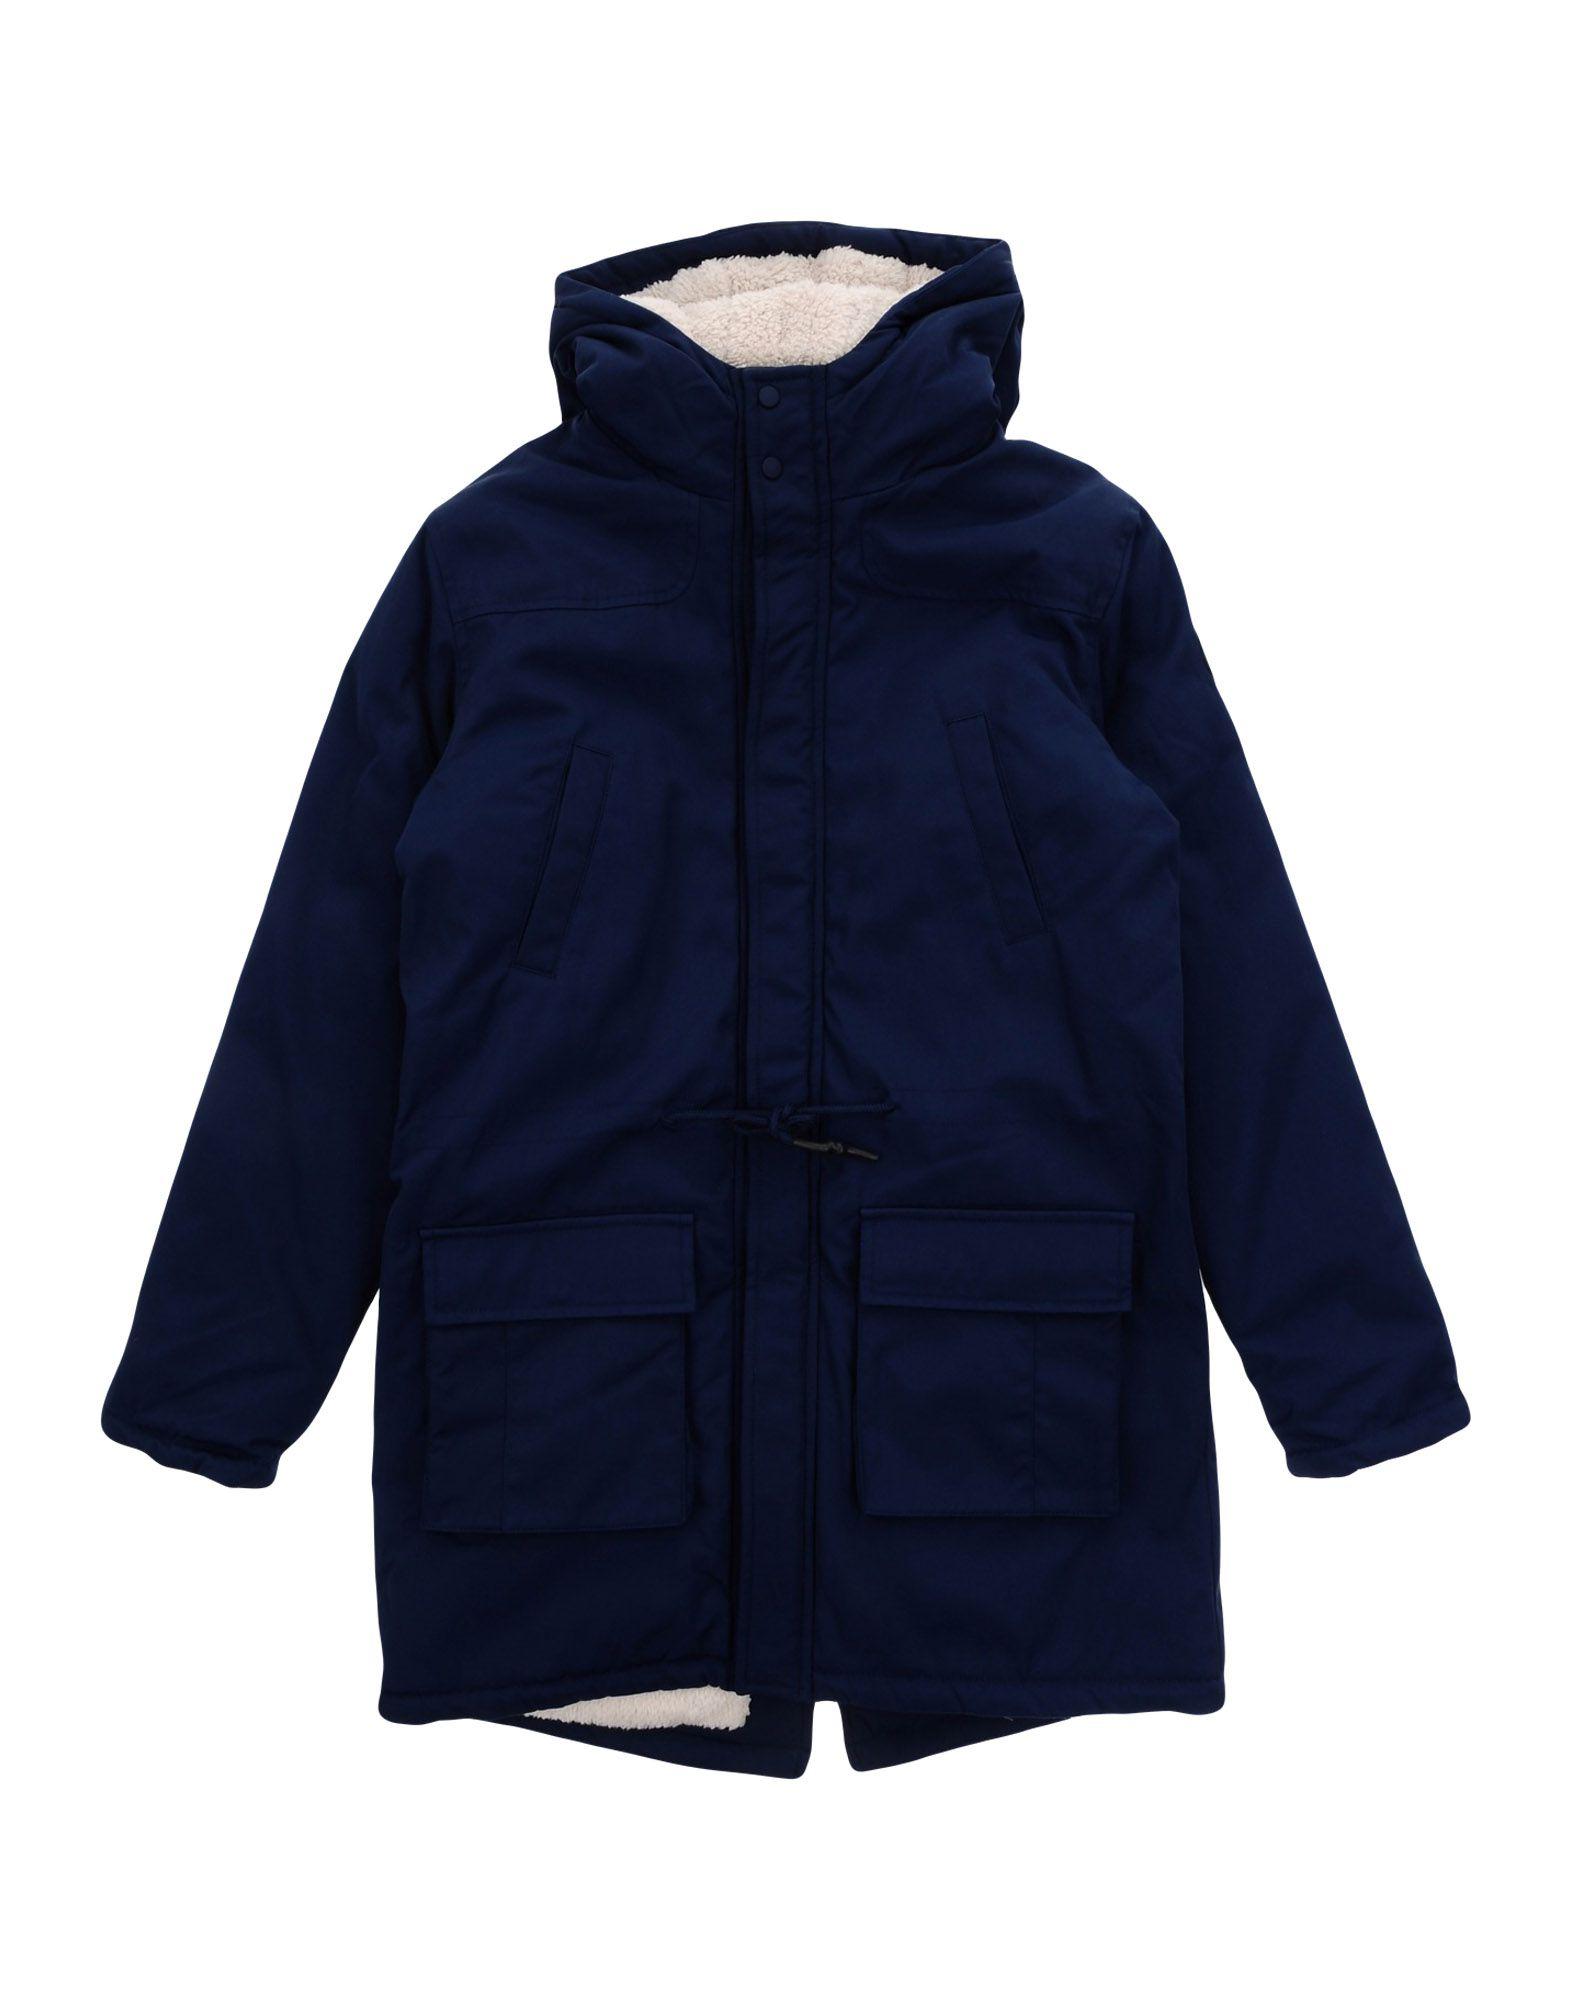 BIKKEMBERGS Jungen 9-16 jahre Jacke Farbe Dunkelblau Größe 2